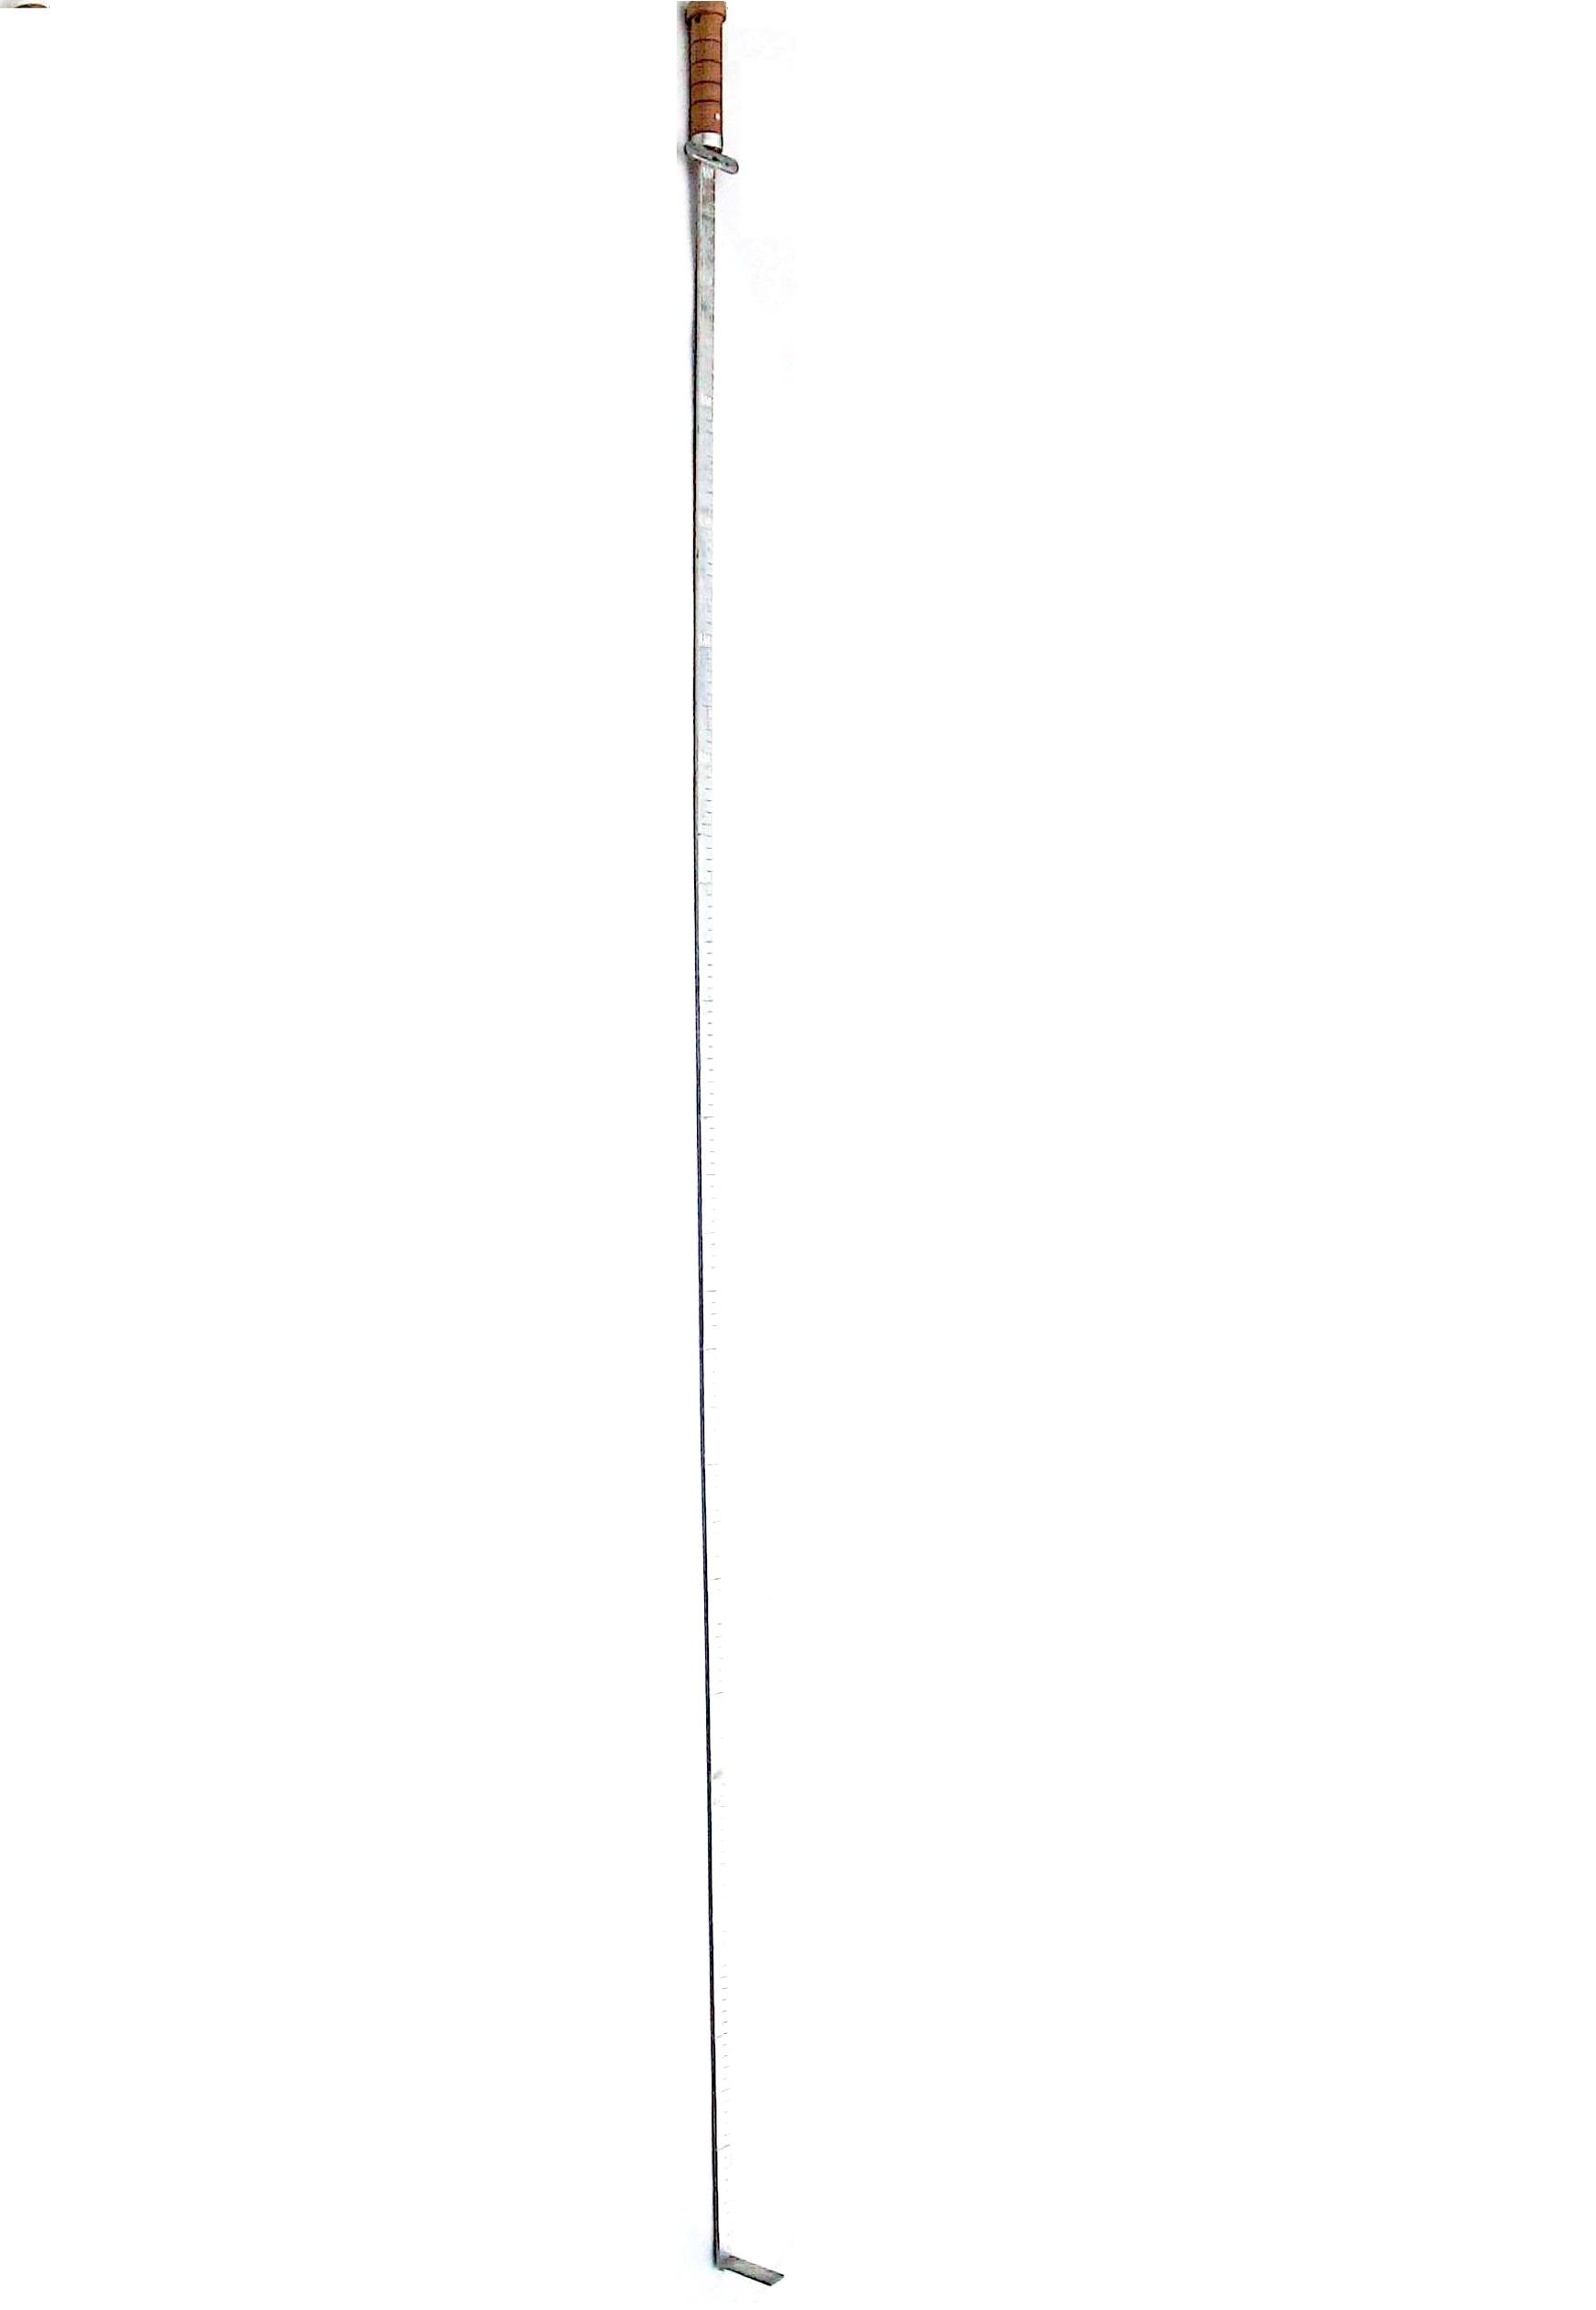 Рейка ледомерная переносная ГР-7 1,8 м.